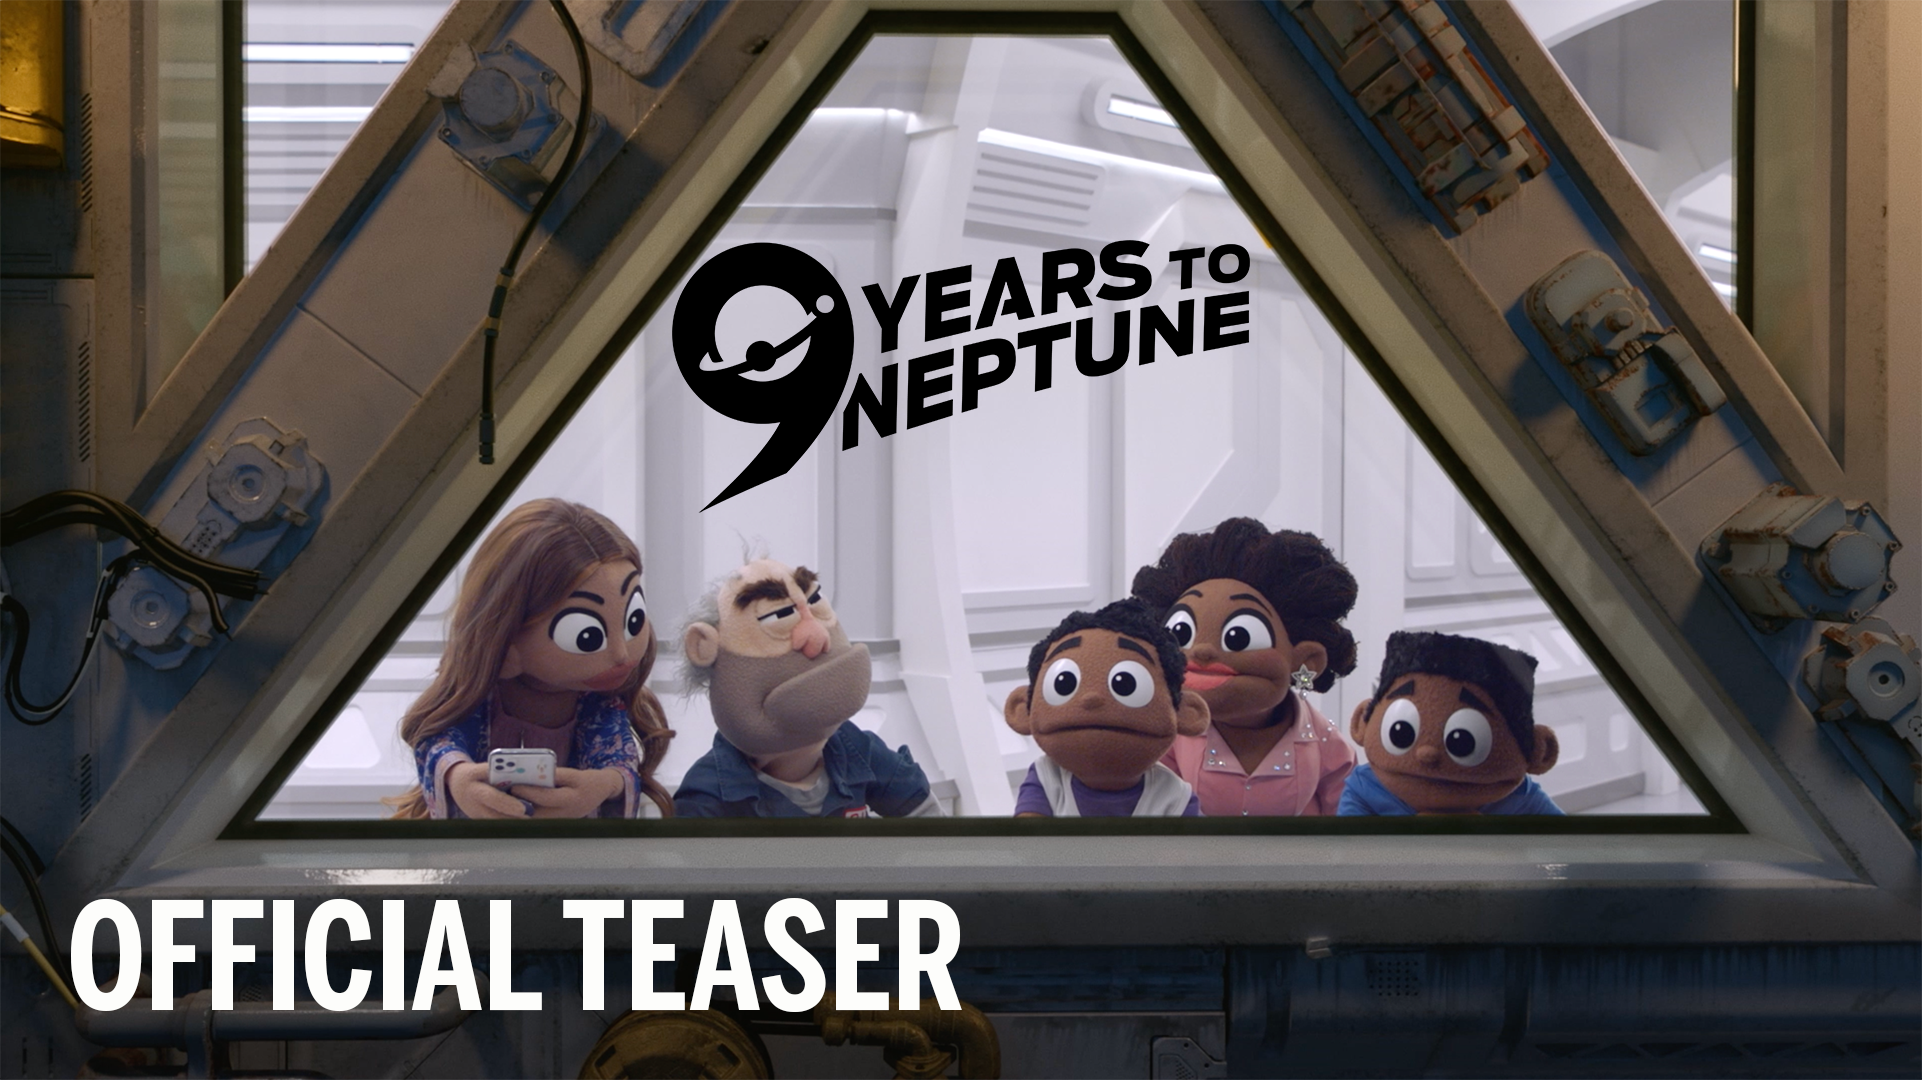 9 Years to Neptune.